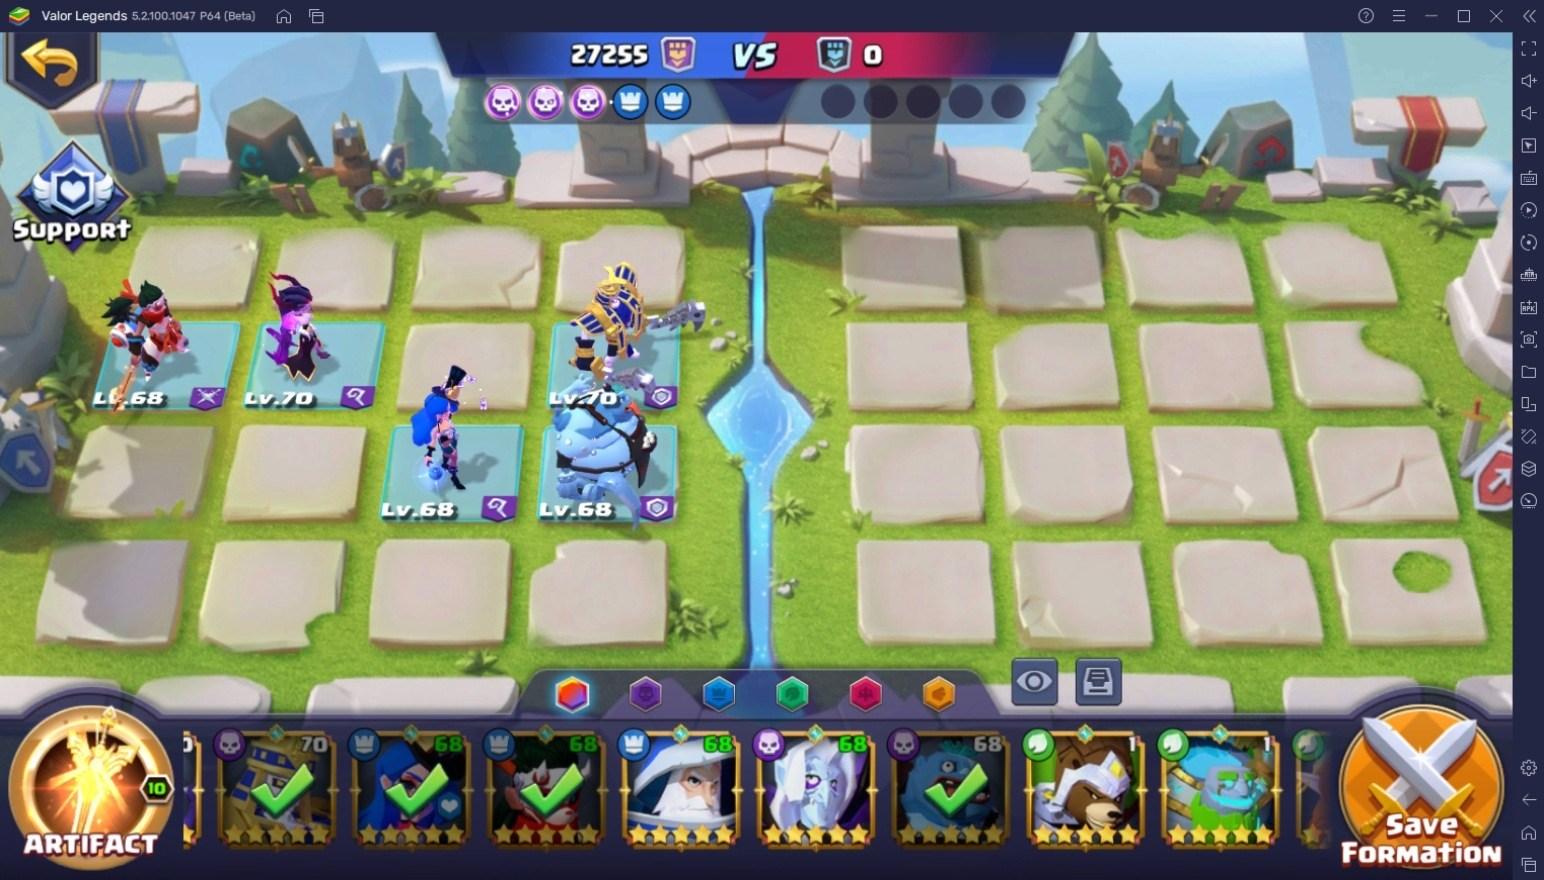 دليل للفوز بـلاعب ضد لاعب في لعبة Valor Legends: Eternity